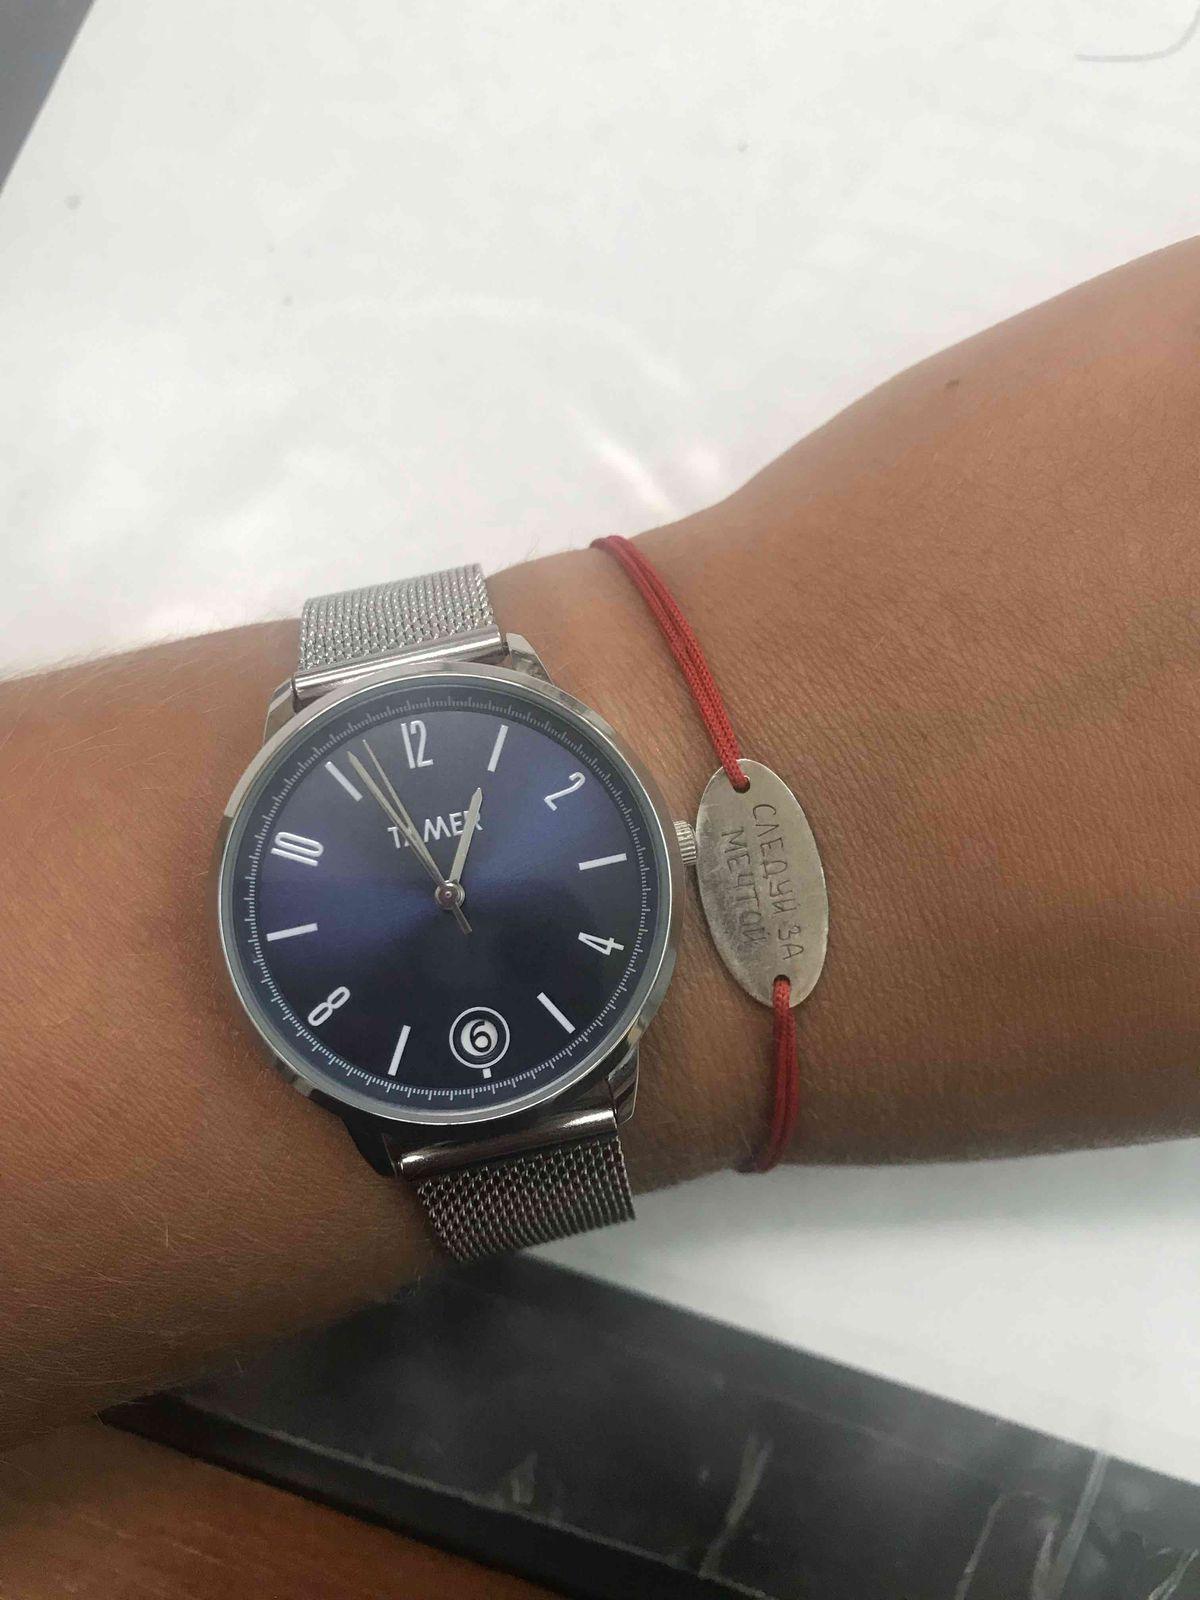 Классные часы за небольшую стоимость